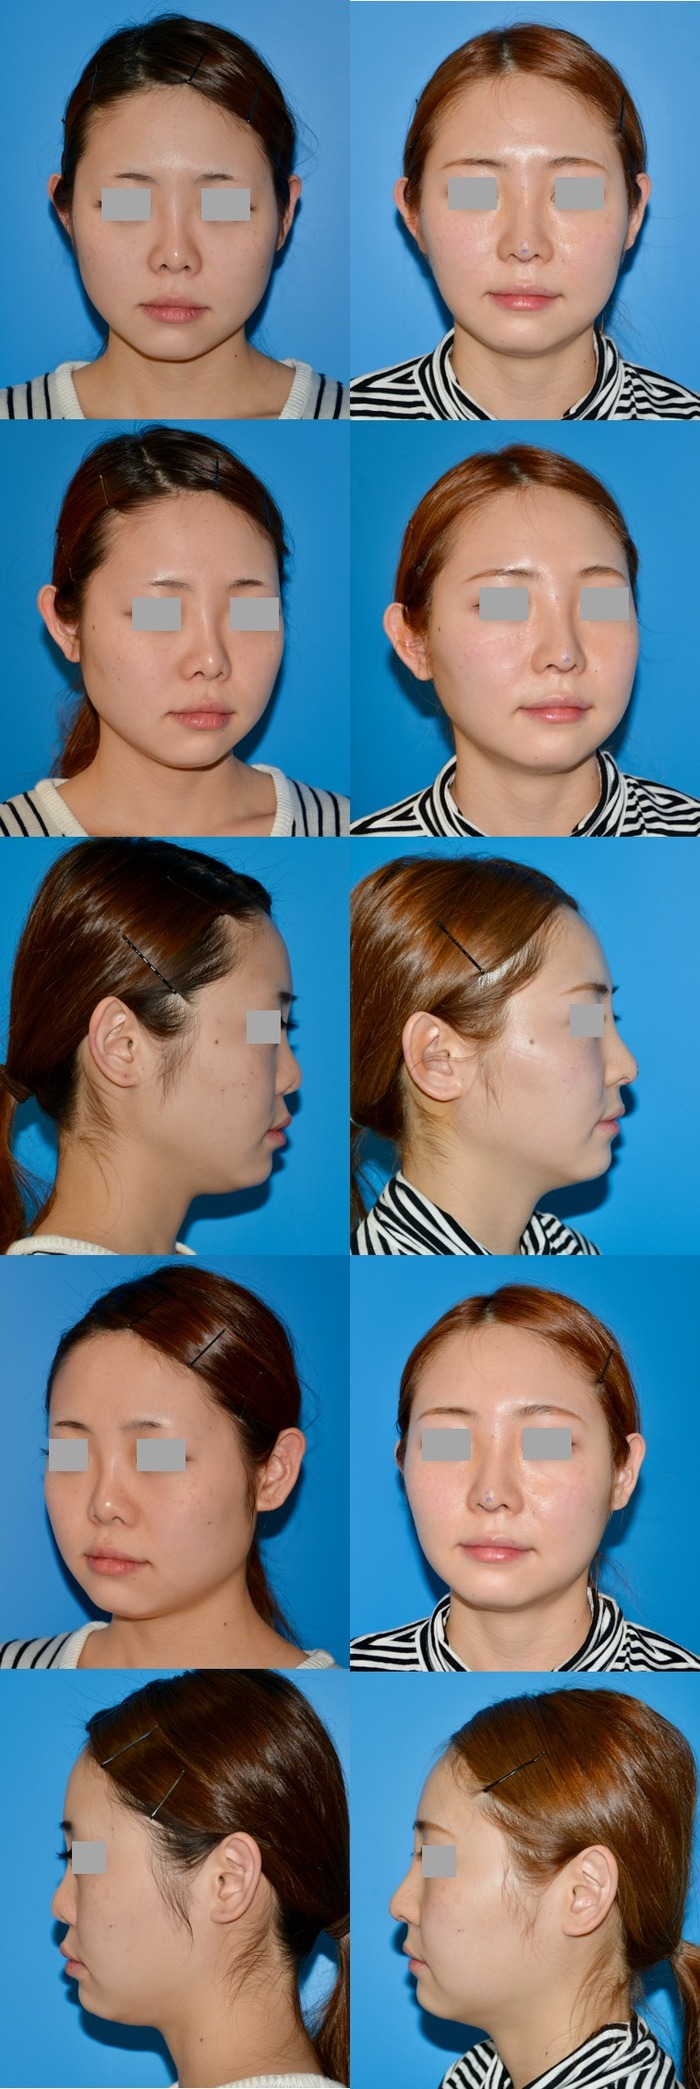 鼻中隔延長術、隆鼻術シリコン入れ替え、他院修正